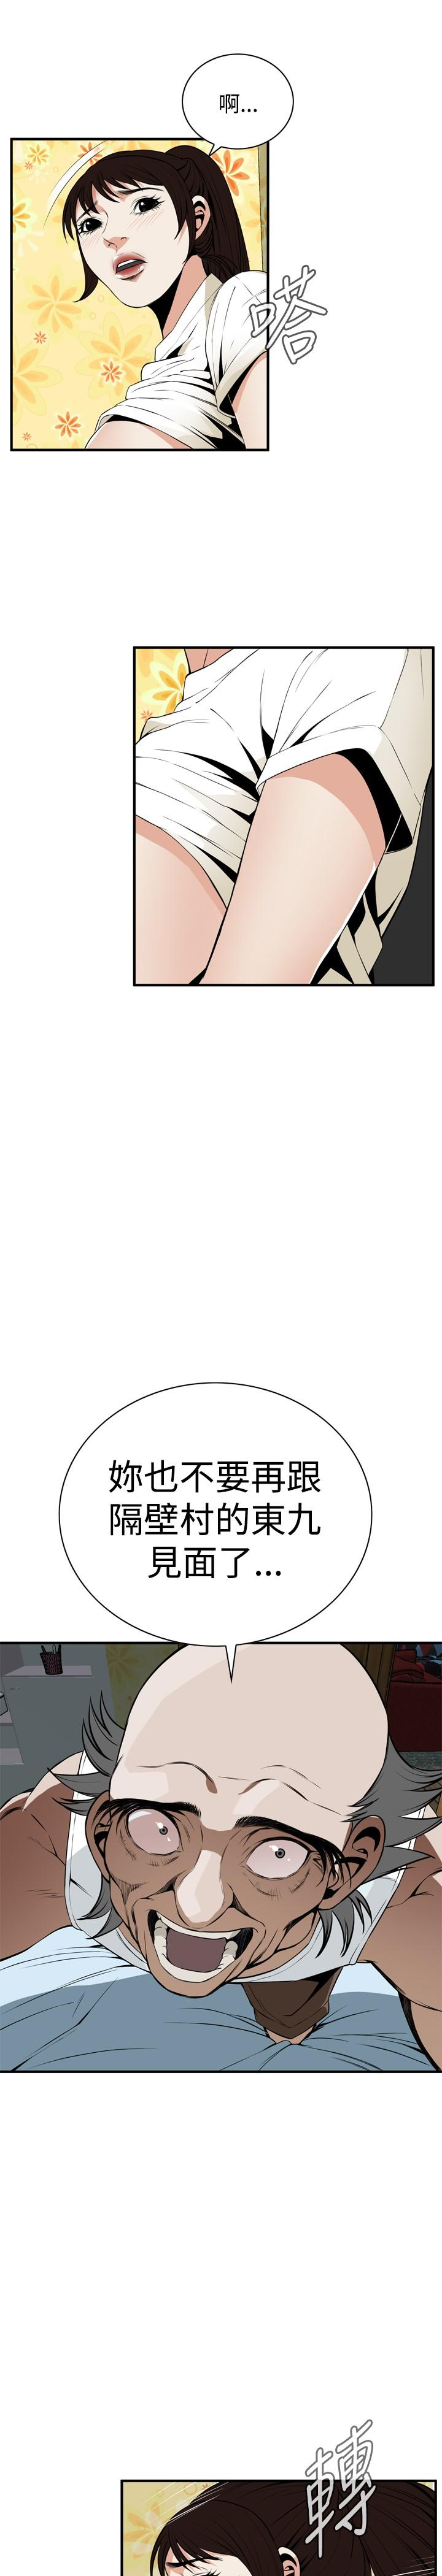 Take a Peek 偷窥 Ch.39-40 8